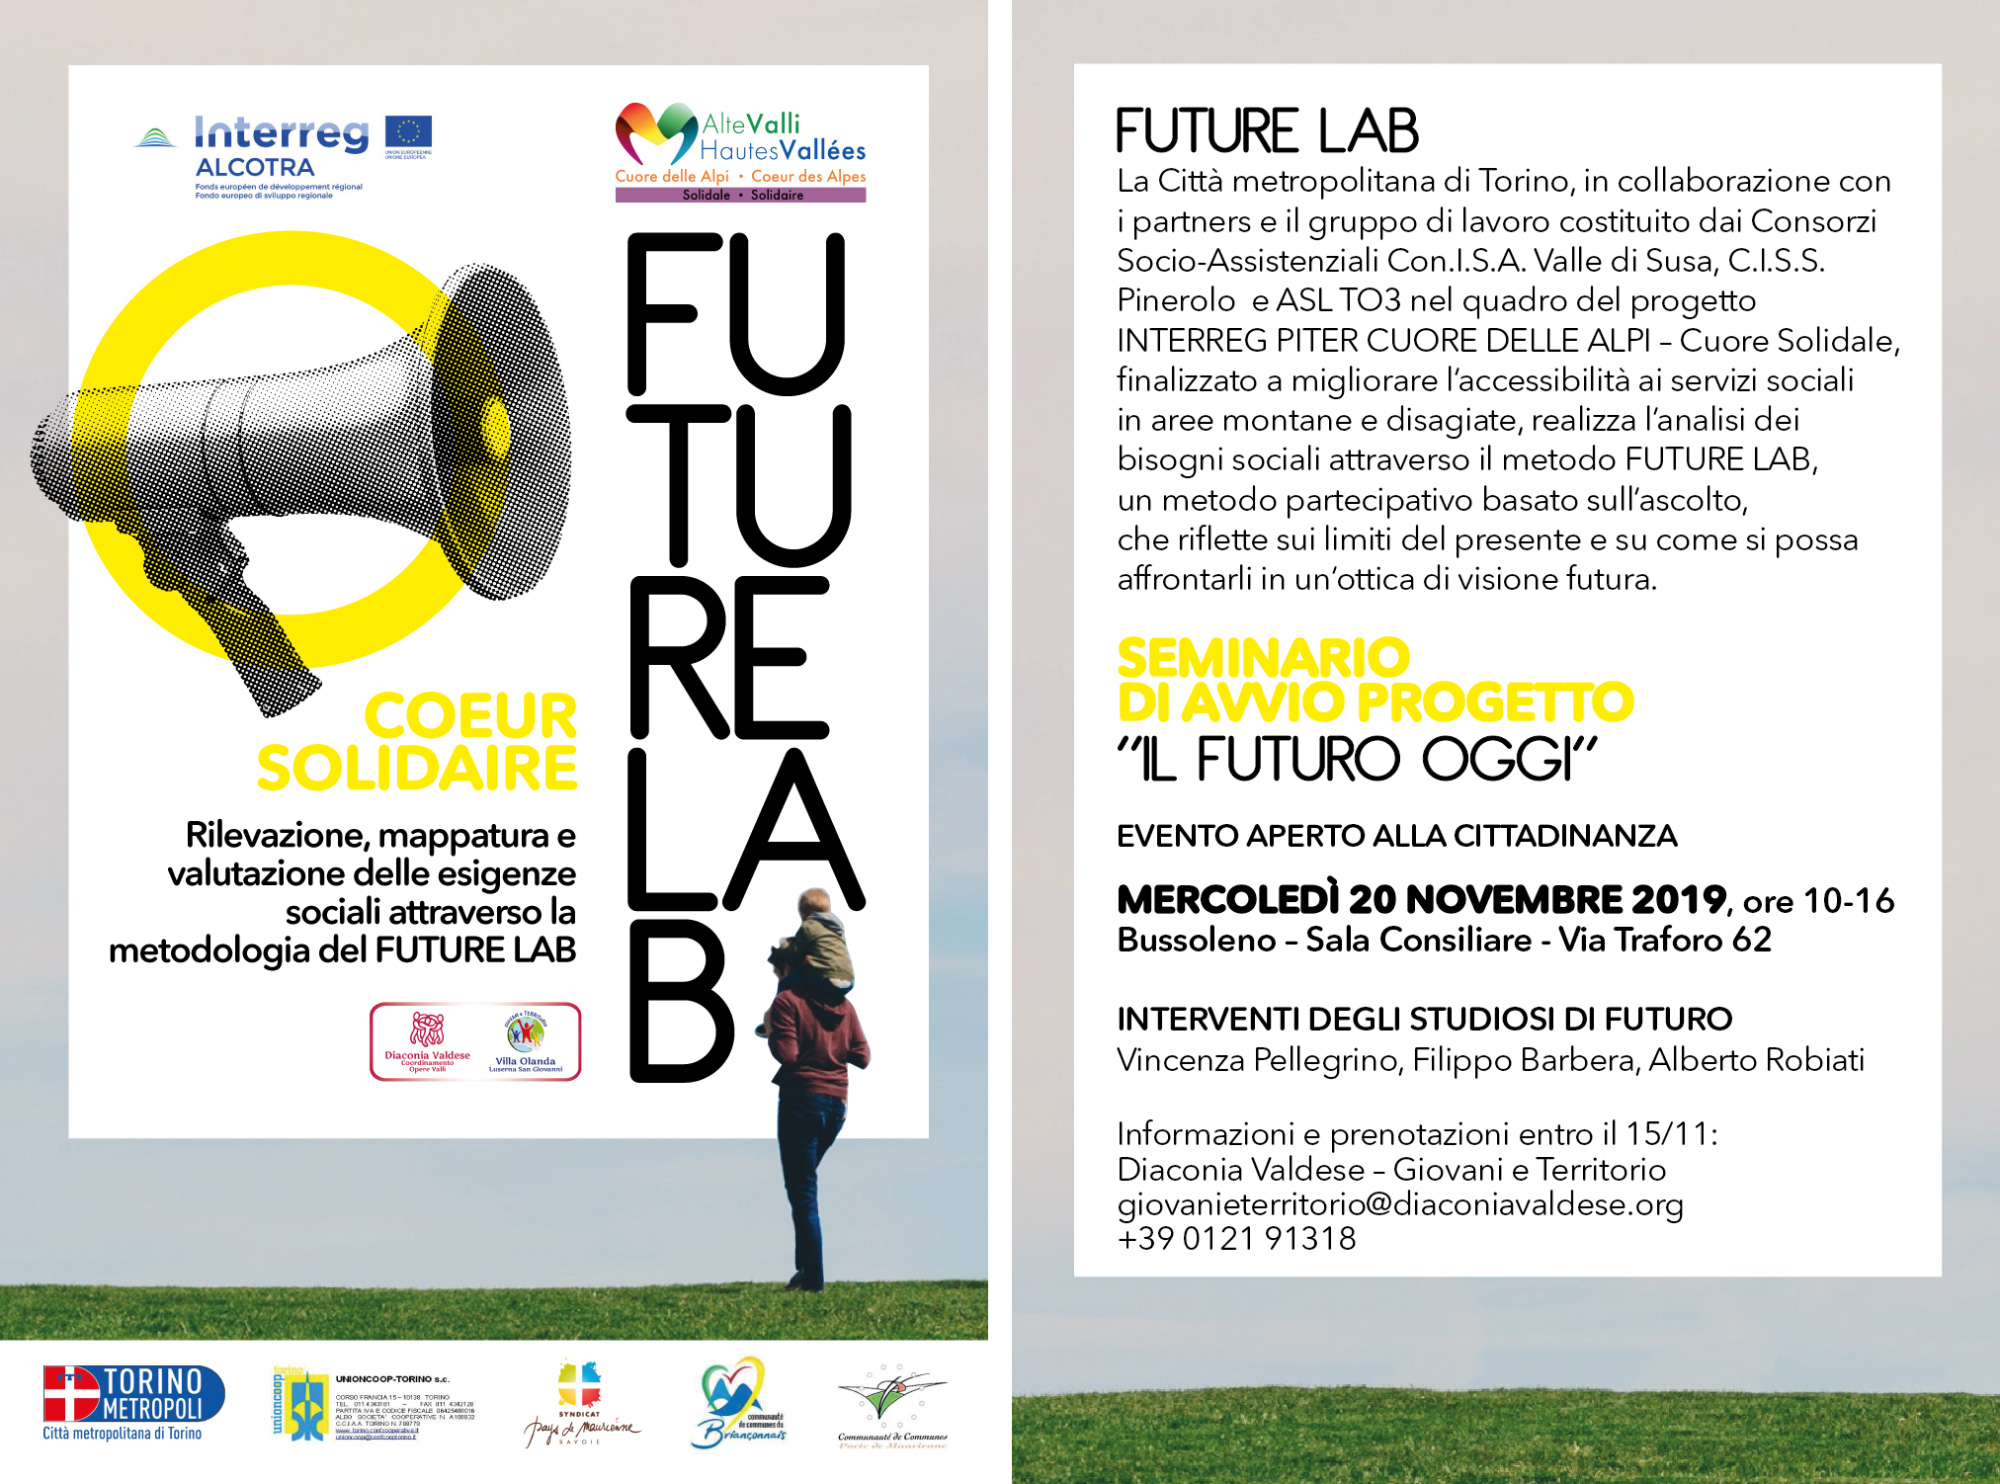 """FUTURELAB Seminario di avvio progetto """"Il futuro oggi"""""""